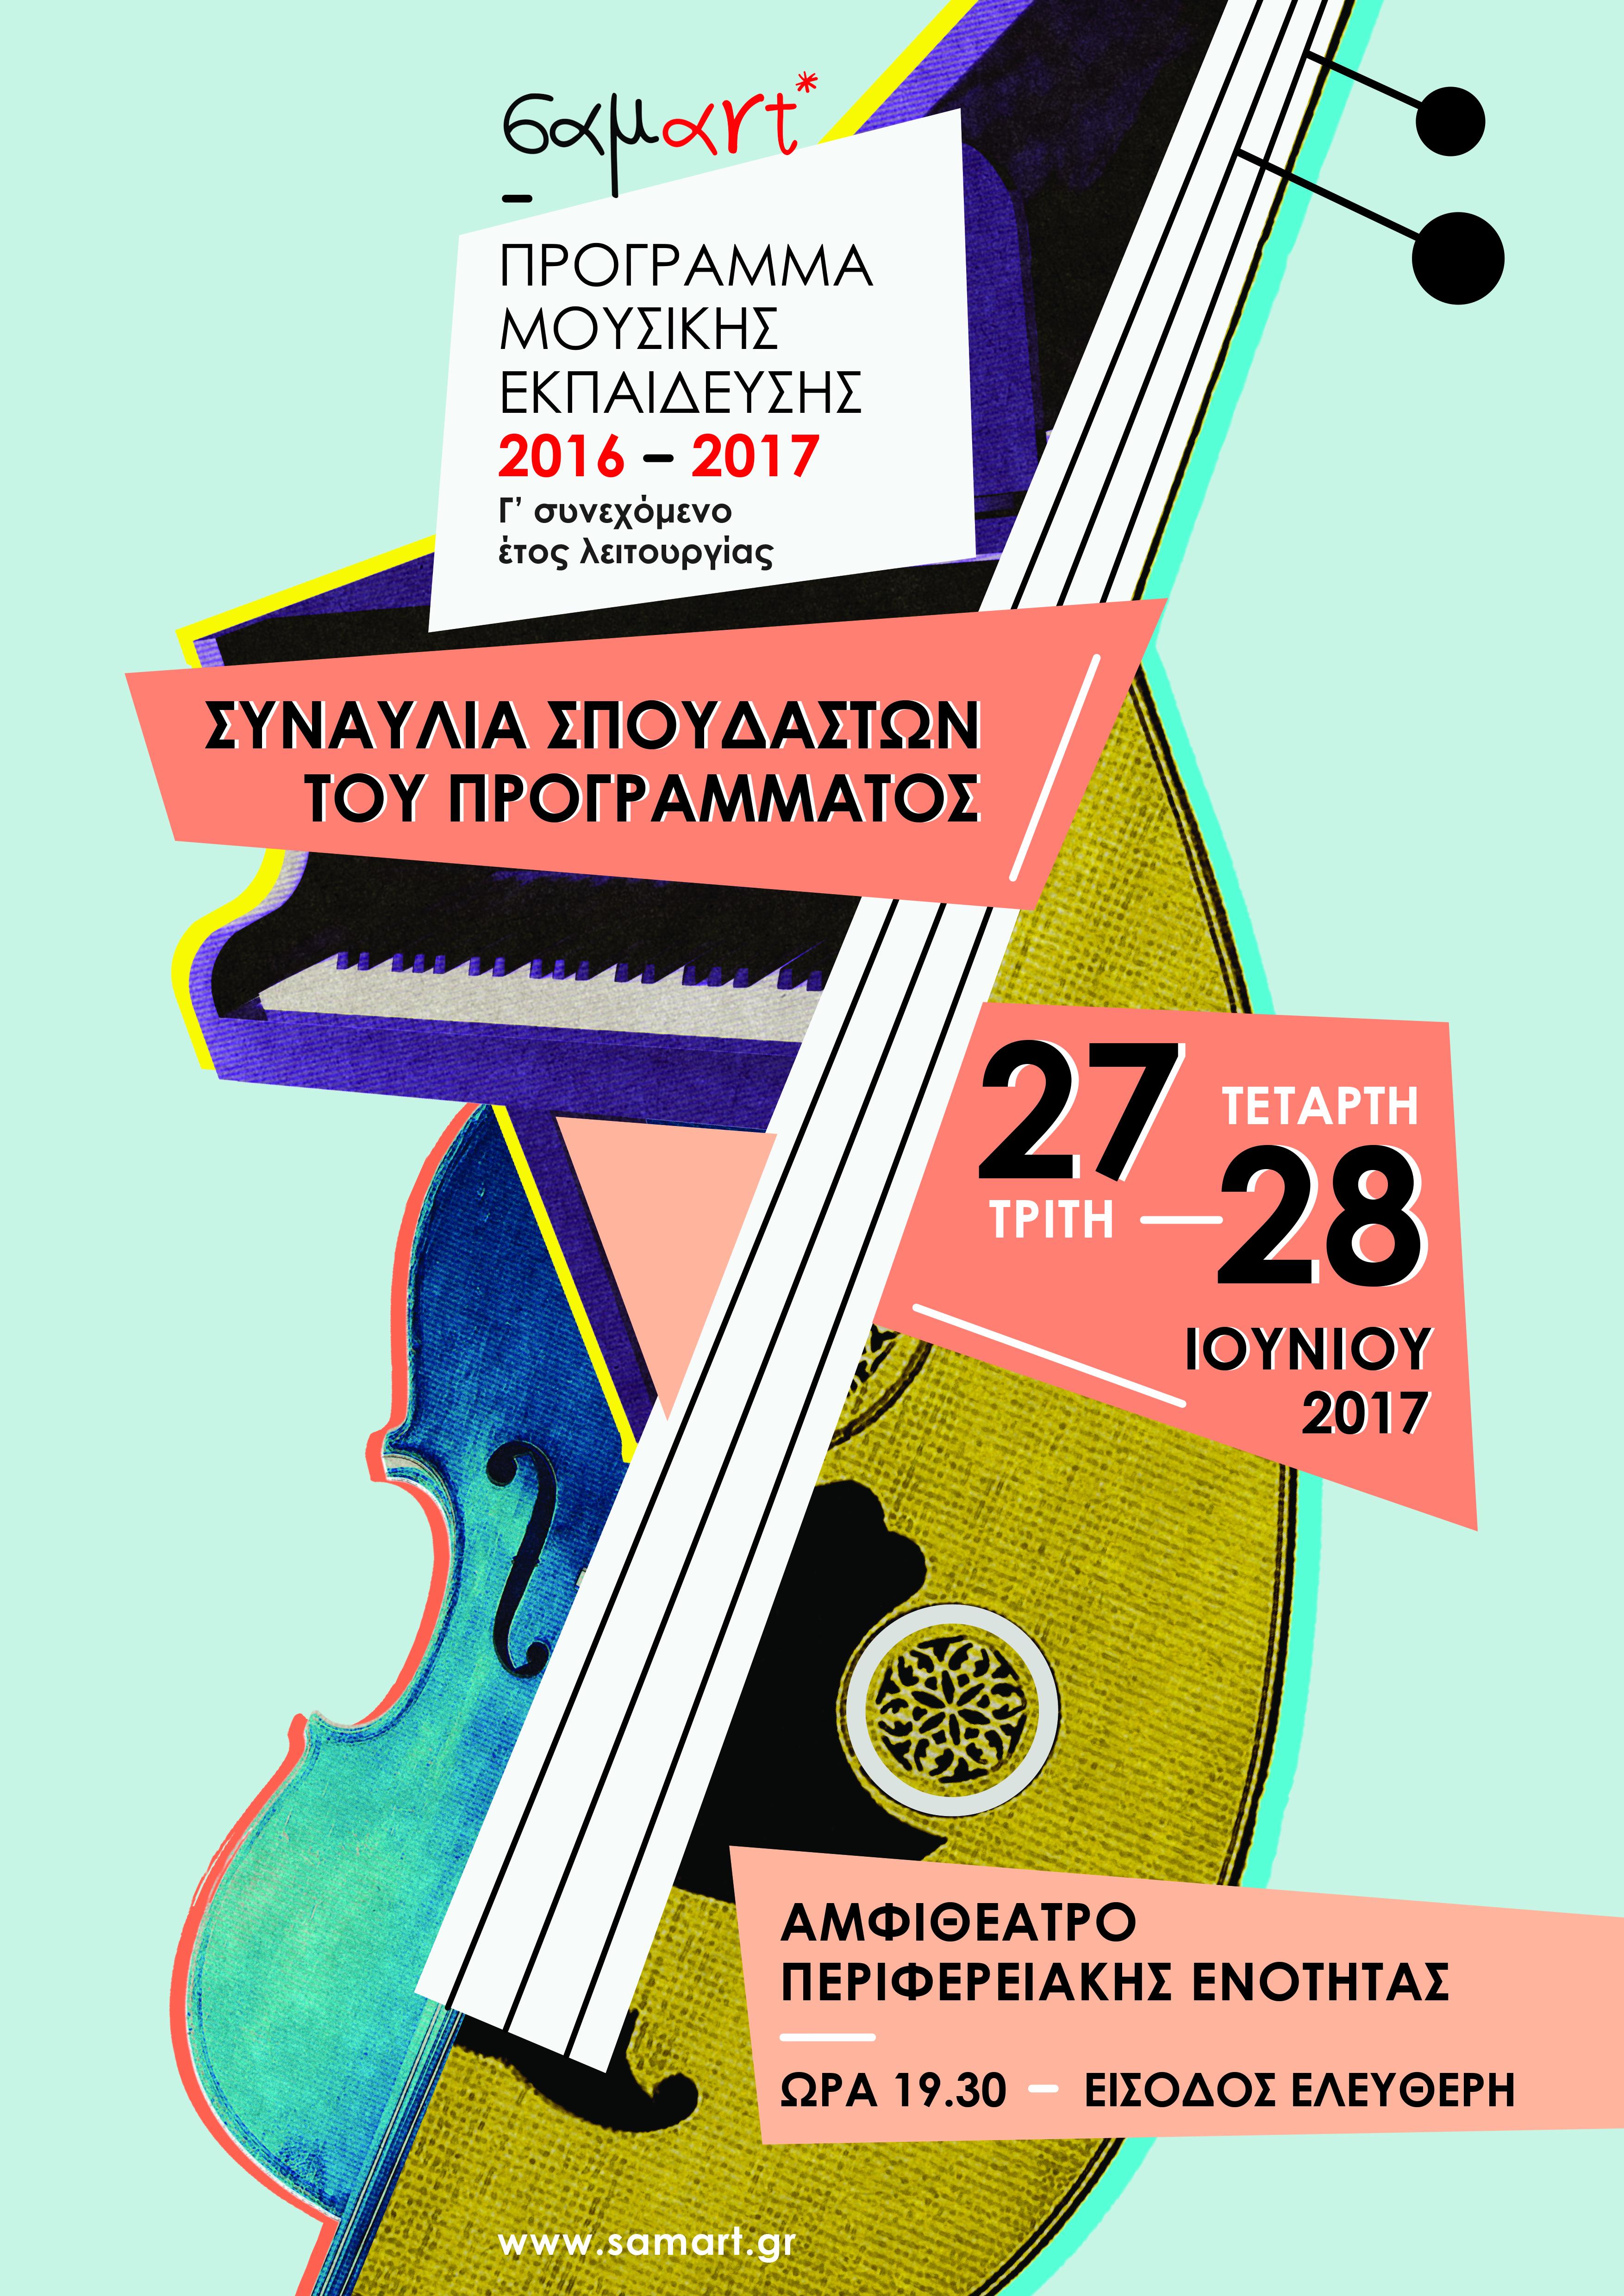 samart music program 16-17_concert_poster A3_2